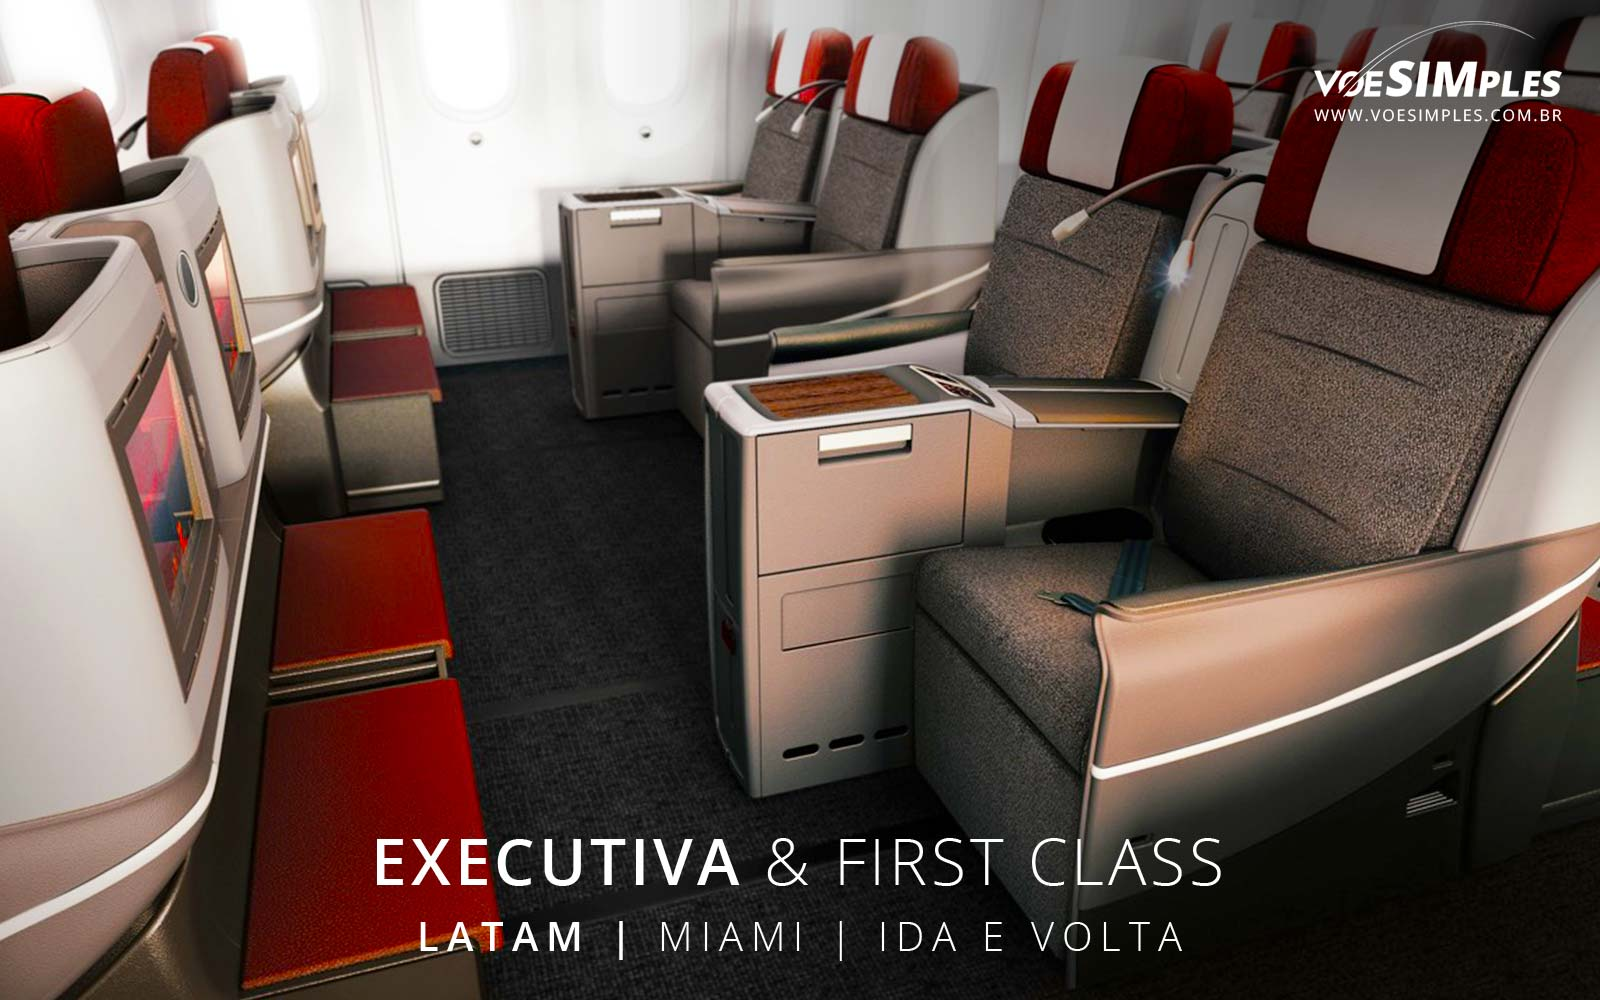 passagens-aereas-executiva-baratas-miami-eua-america-norte-voe-simples-passages-aereas-promocionais-executivas-eua-passagem-promo-executiva-miami